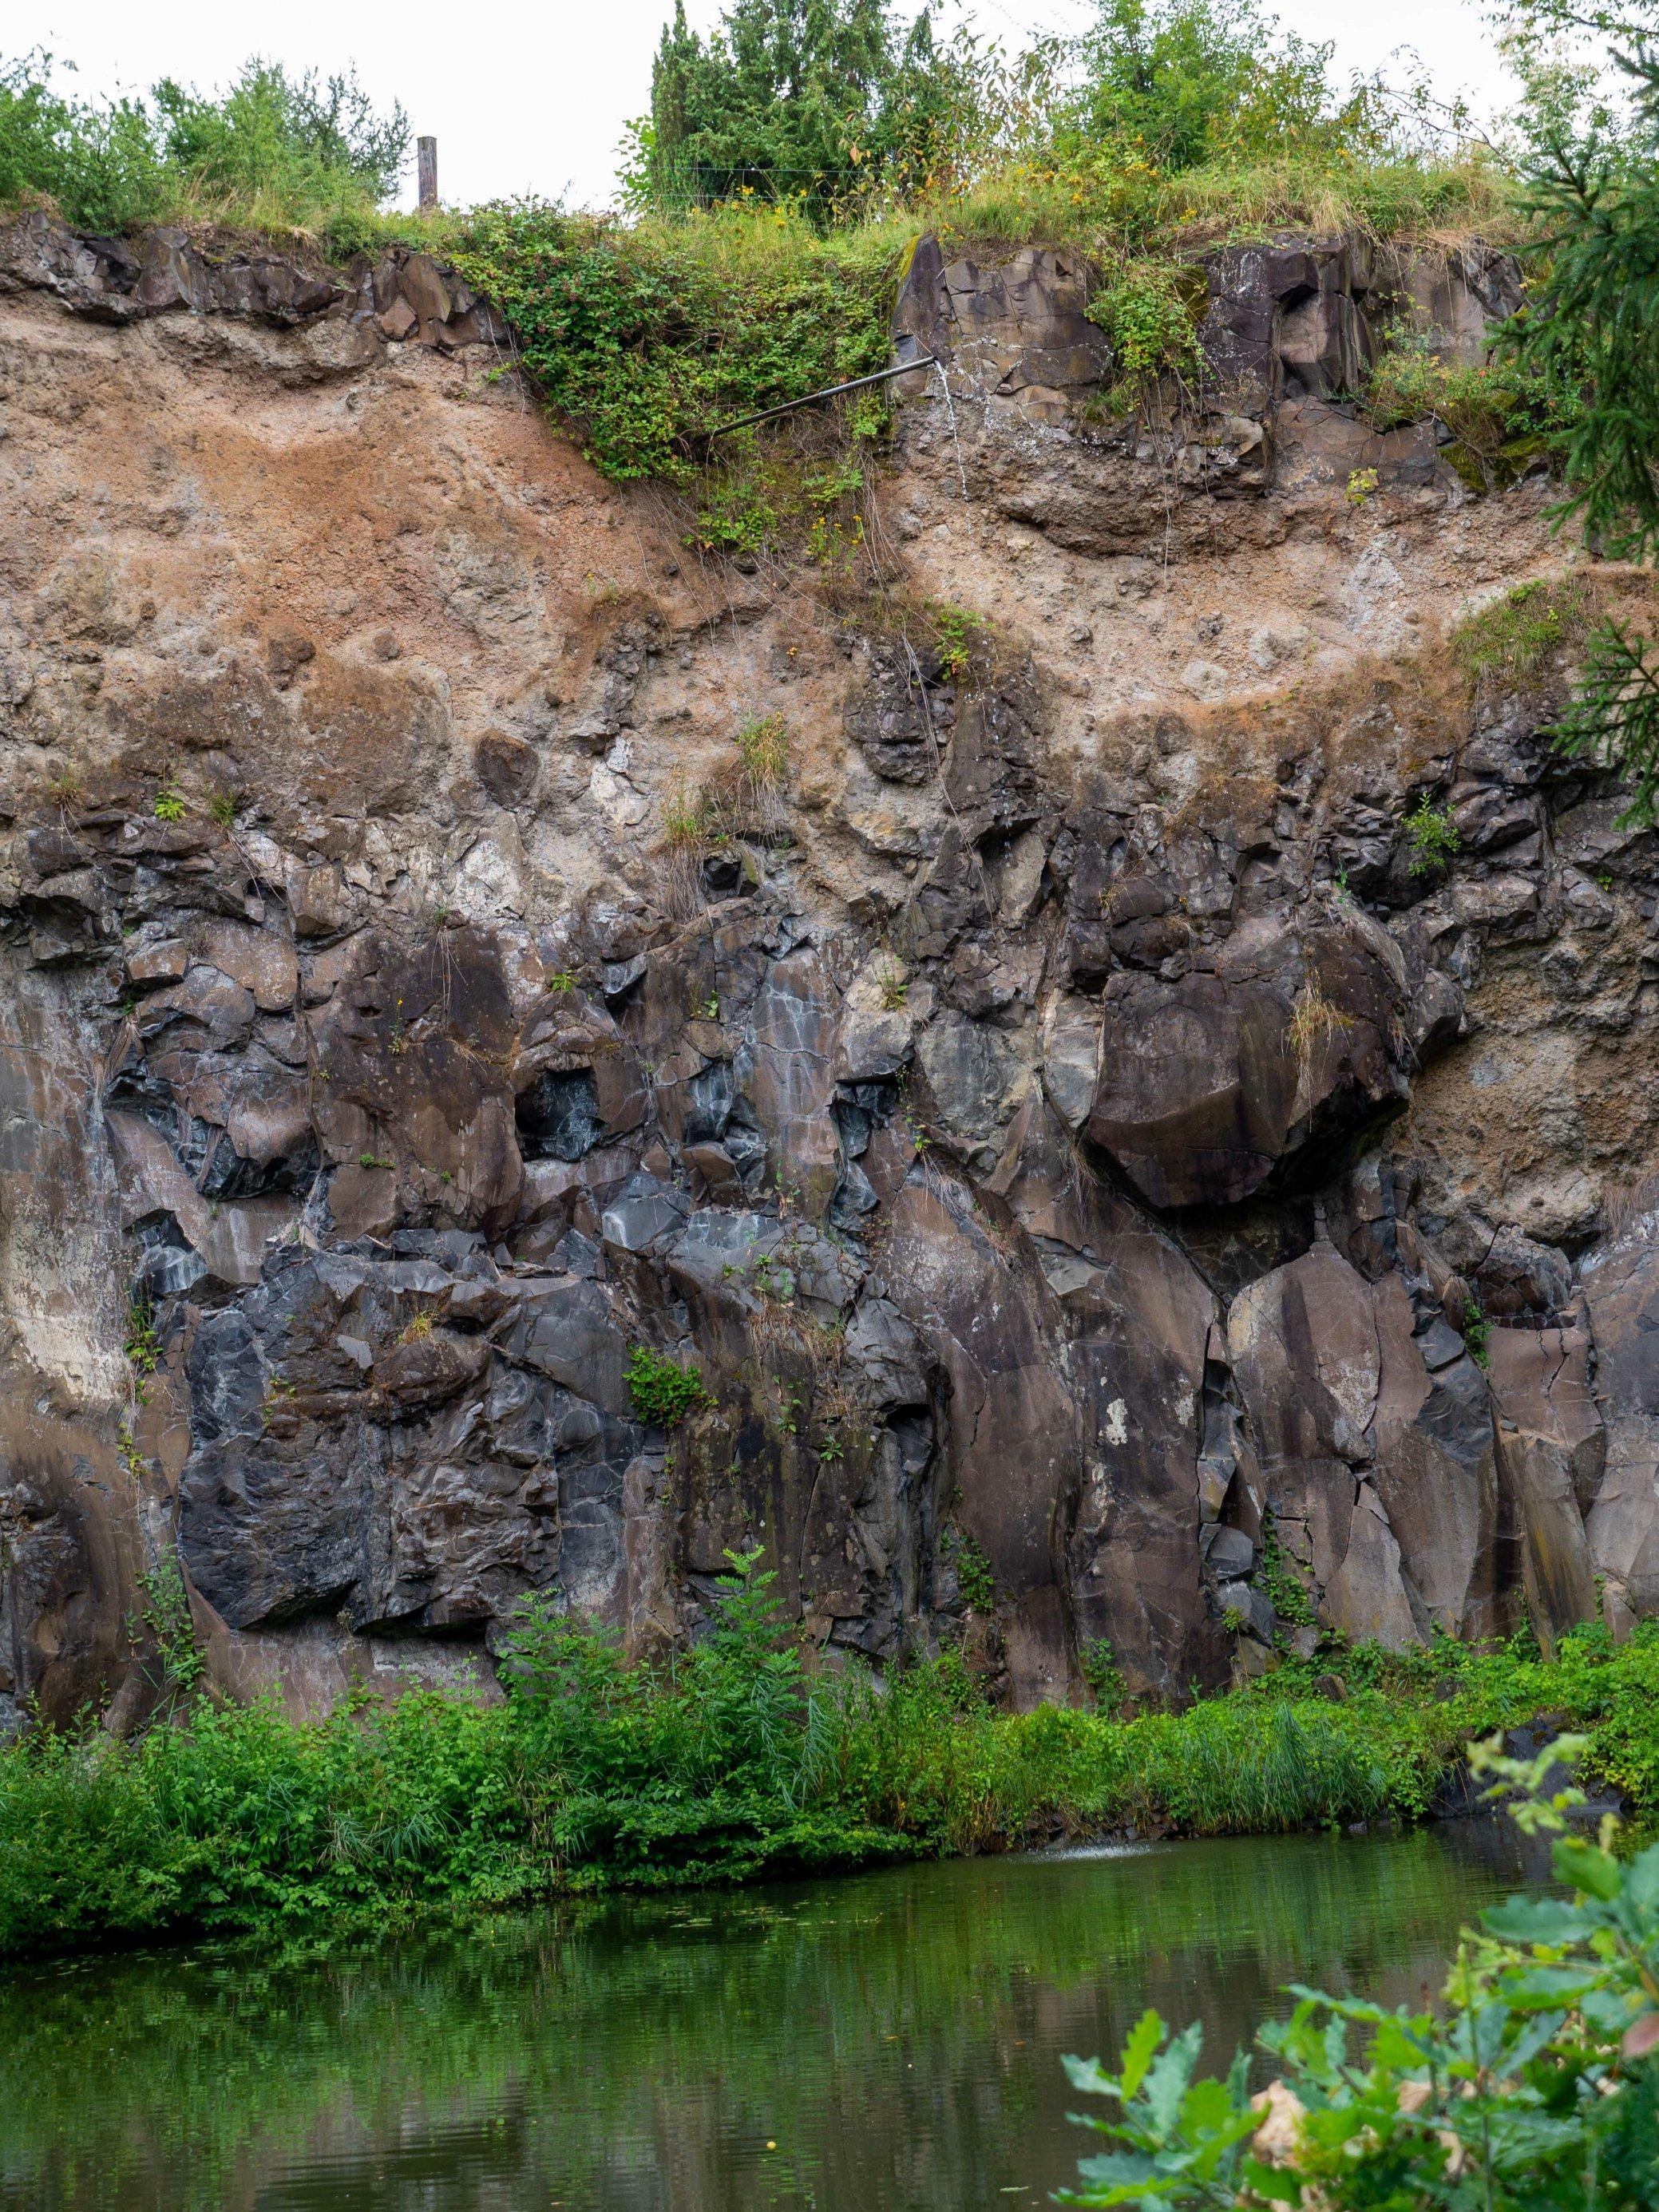 An der Oberkannte eines Steinbruchs ist bewachsener Boden zu erkennen, aus dem Wasser durch ein Rohr abfließt, Darunter Schichten aus beigem Tuff und schwarz-braunen Basaltblöcken. Am Boden des Steinbruchs hat sich ein Teich gebildet, an dessen Ufer grüne Pflanzen sprießen.